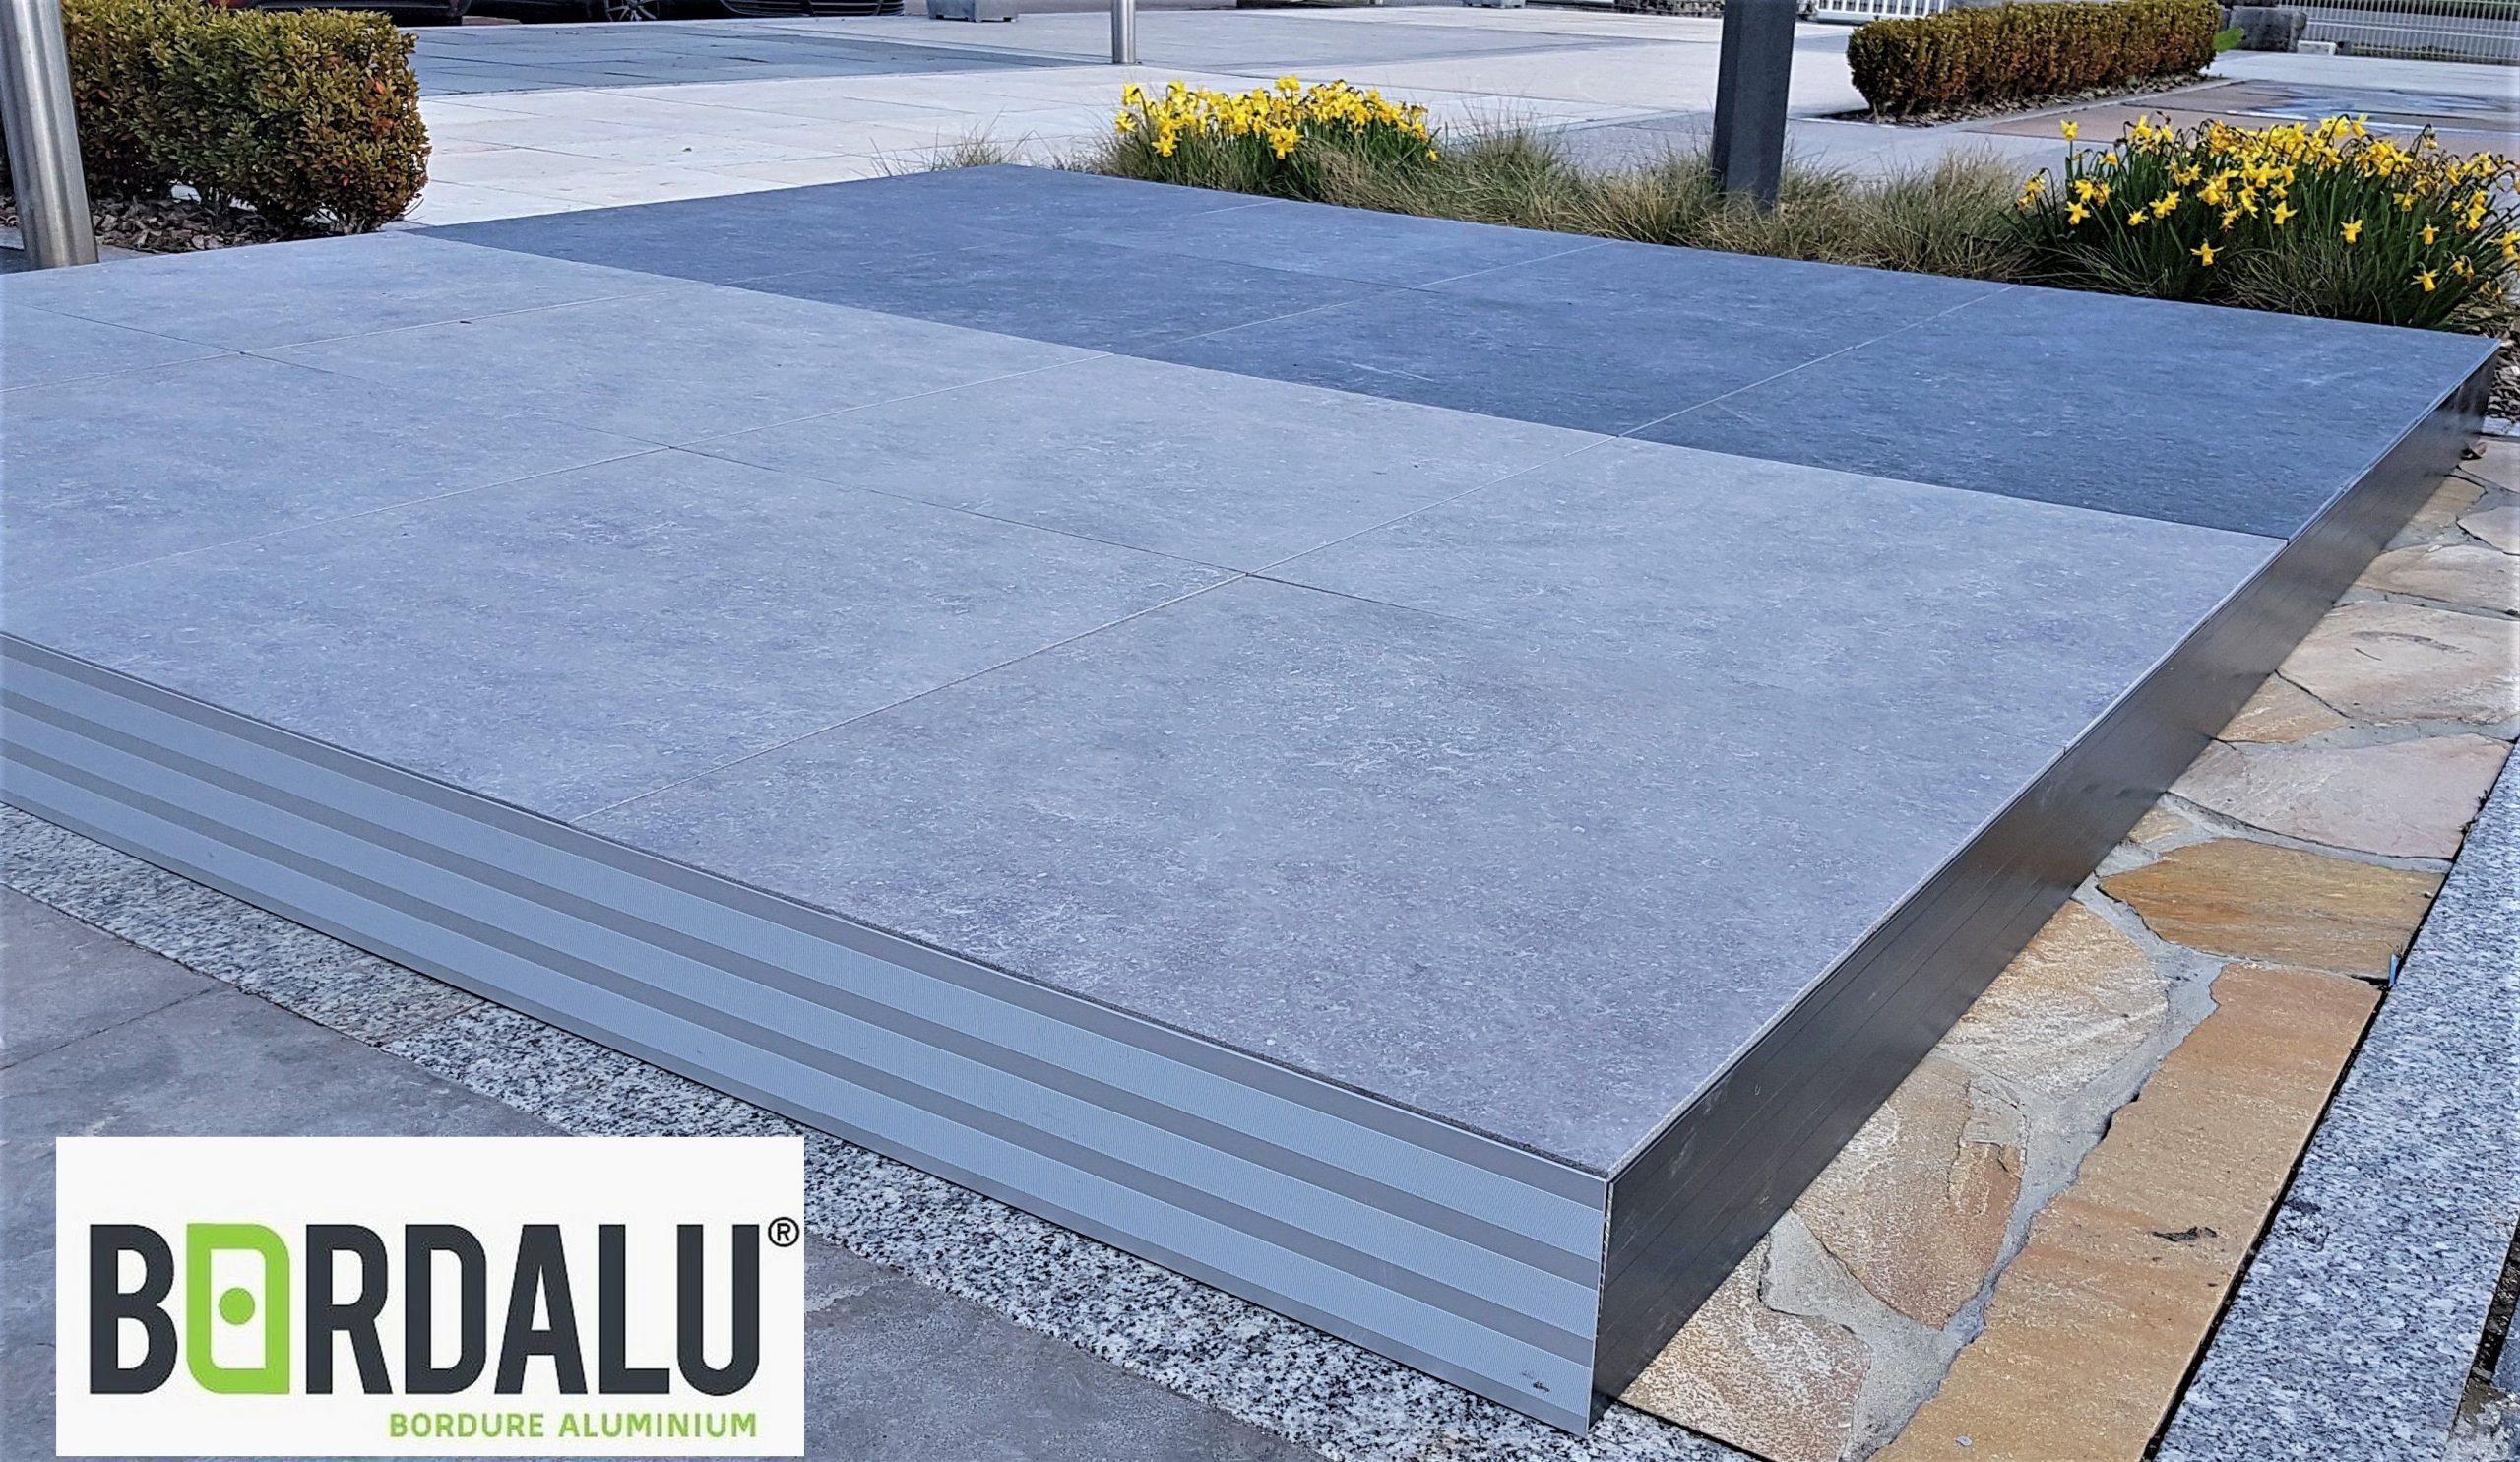 Profil Alu Pour Terrasse Sur Plots | Carrelage Ceramique ... encequiconcerne Finition Bordure Terrasse Dalle Sur Plot